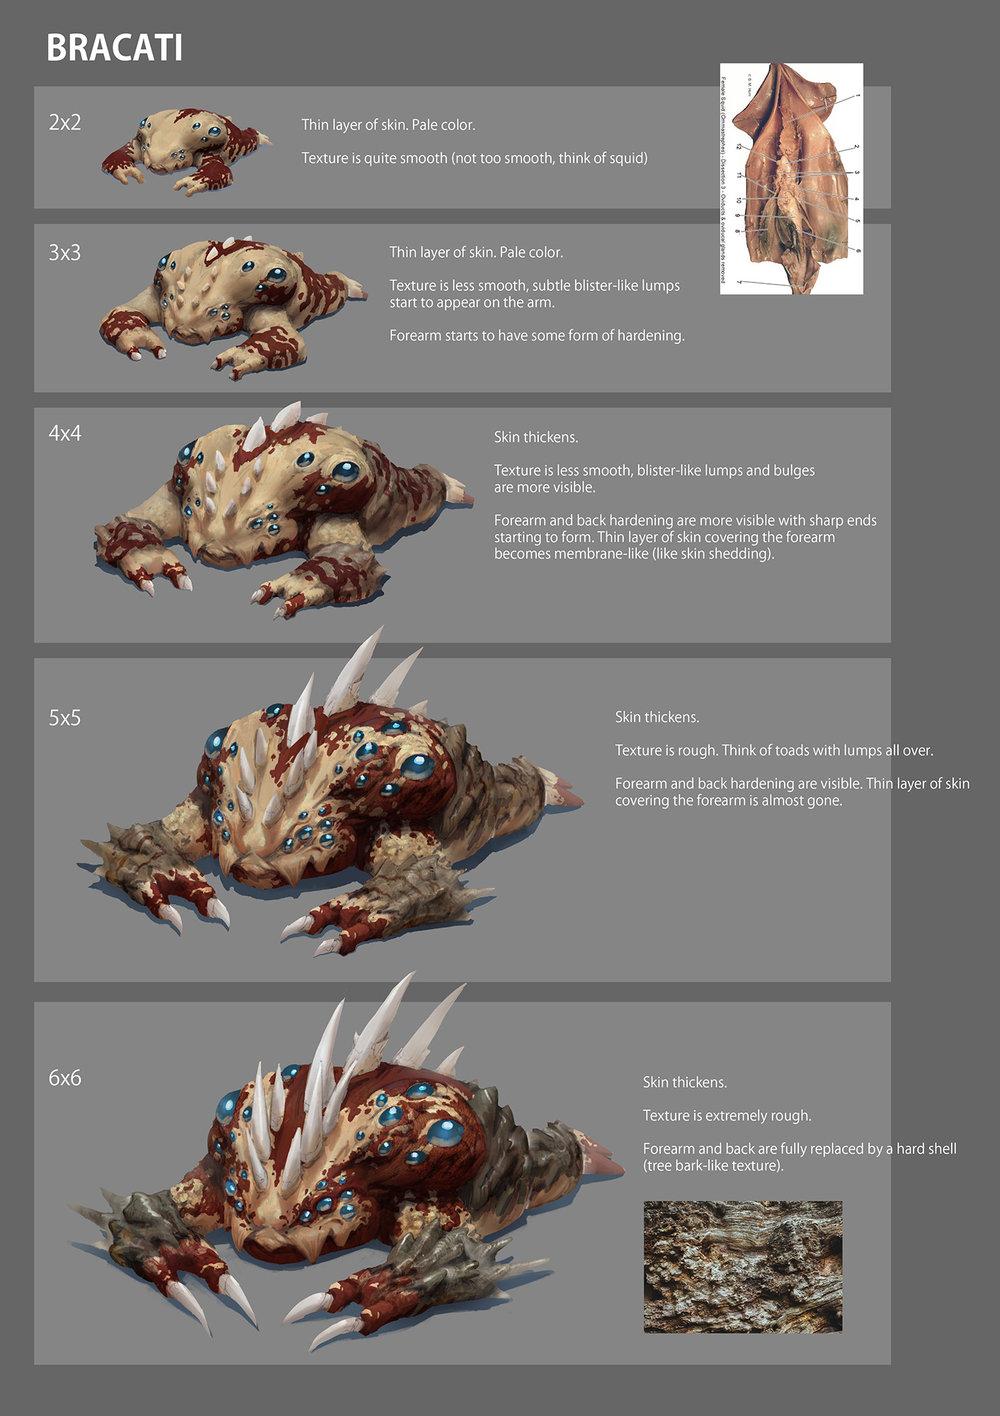 Character_Creatures_Extraterrestrial_Bracati.jpg